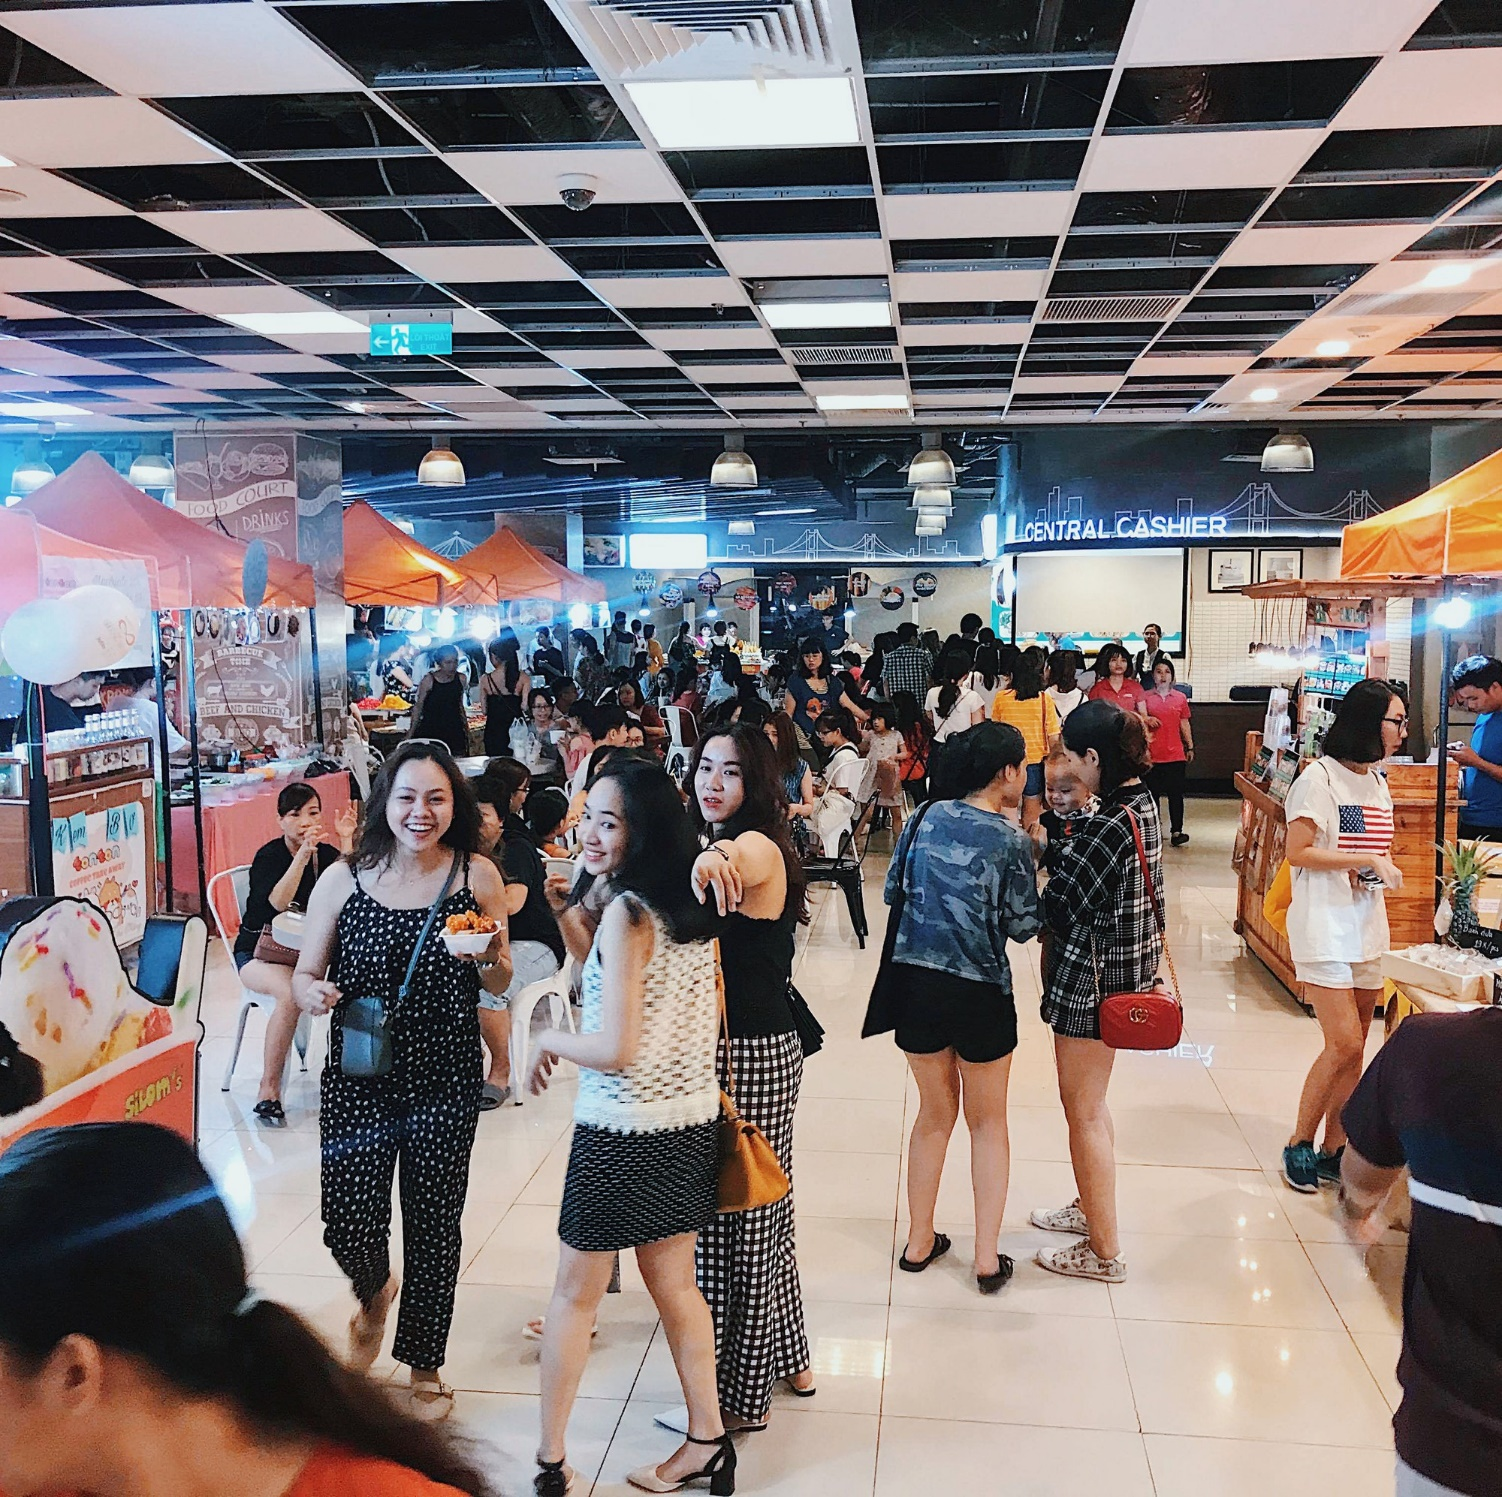 Lâu lắm rồi, Đà Nẵng mới có một chợ phiên khiến giới trẻ chờ mong đến thế này! - Ảnh 3.